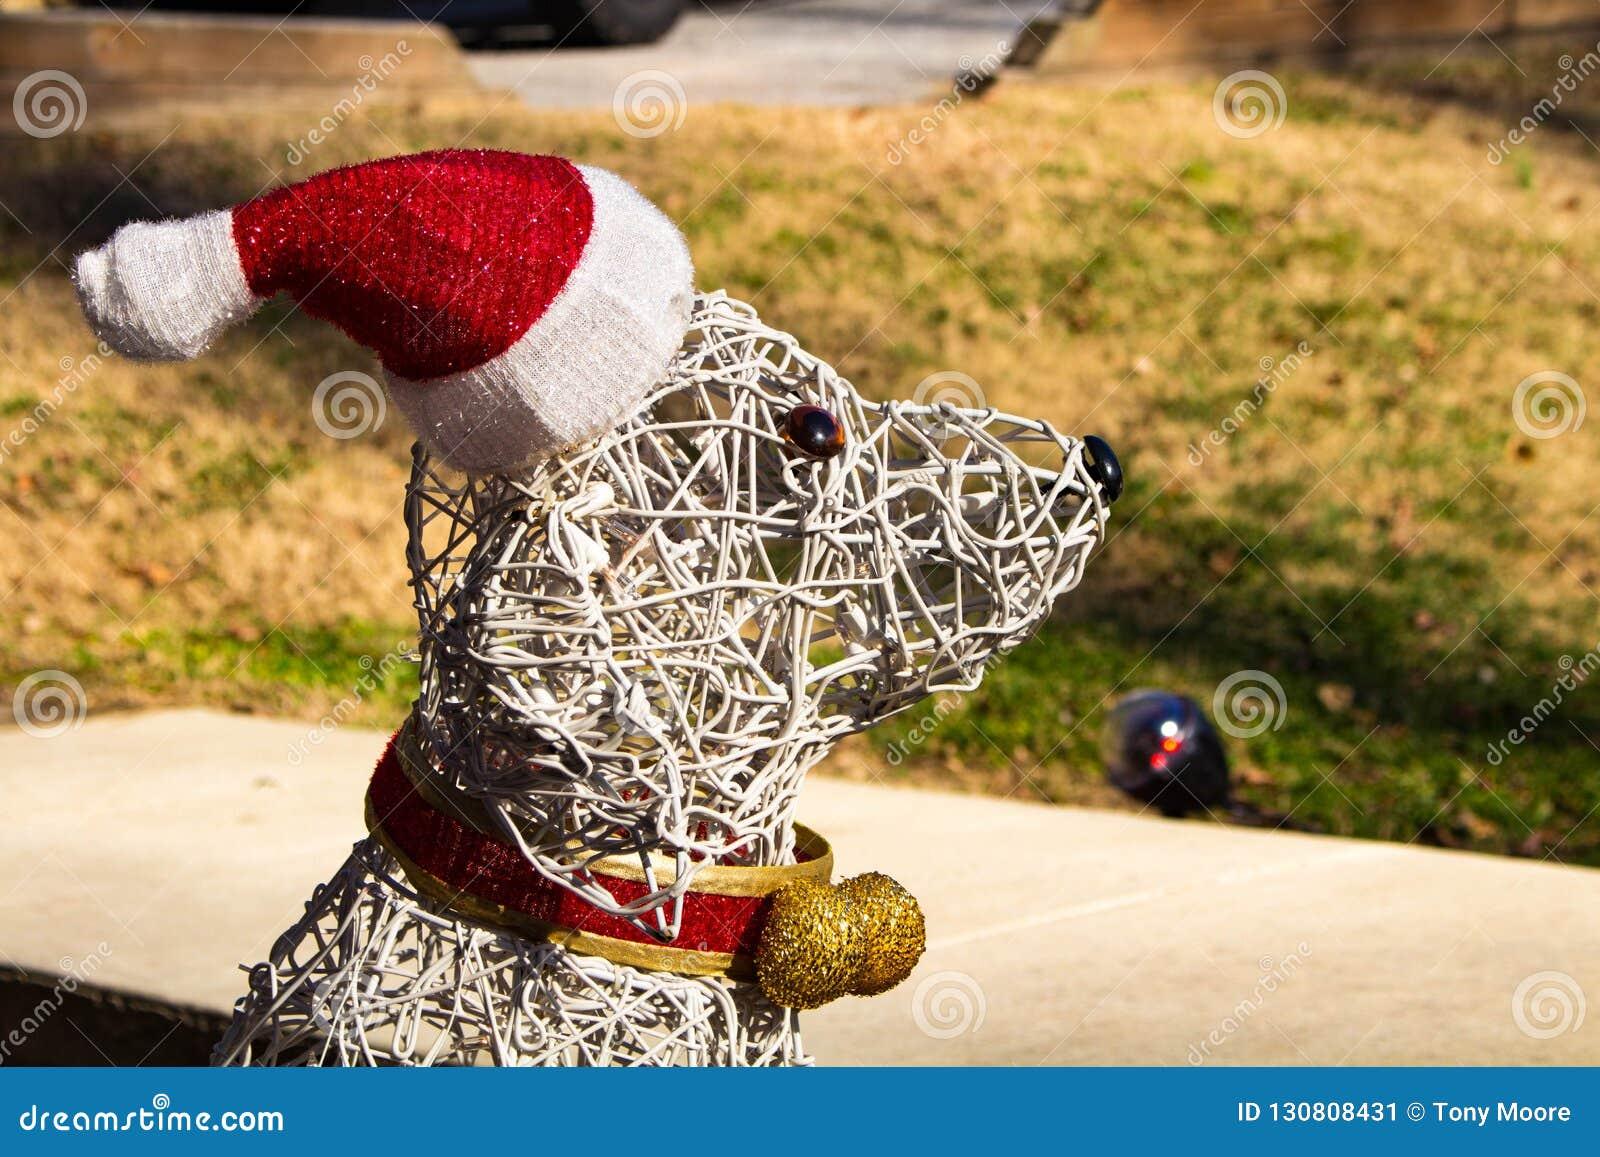 Hundeweihnachtsdekoration, die Santa Hat trägt